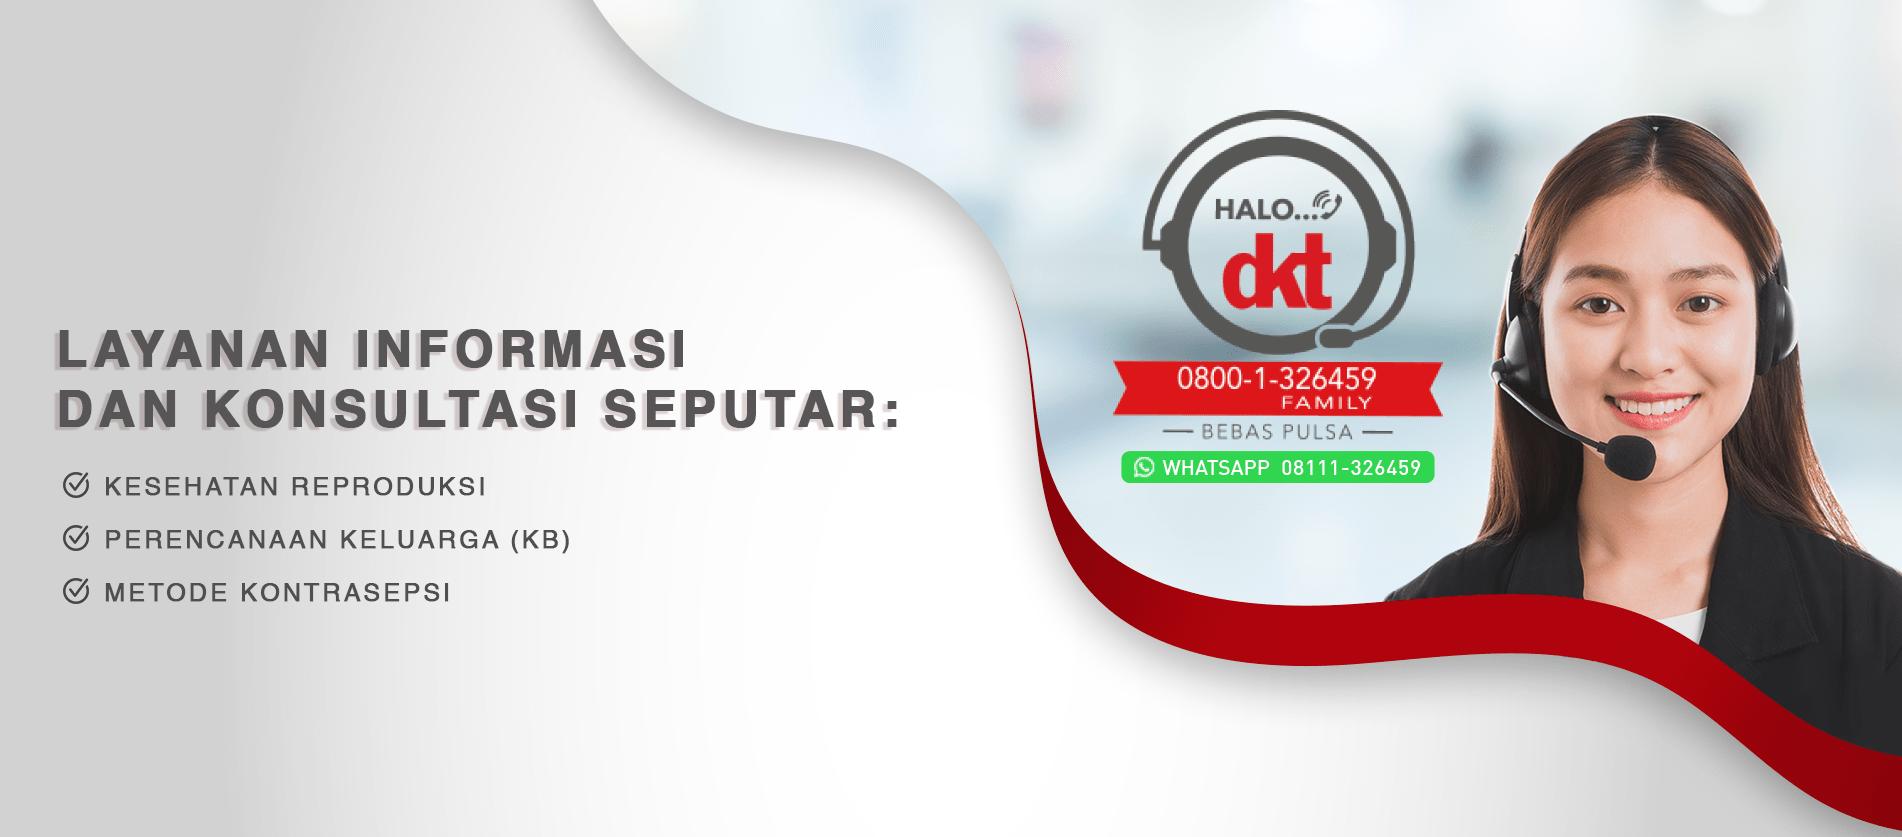 dkt indonesia informasi dan konsultasi seputar kesehatan reproduksi dktindonesia org